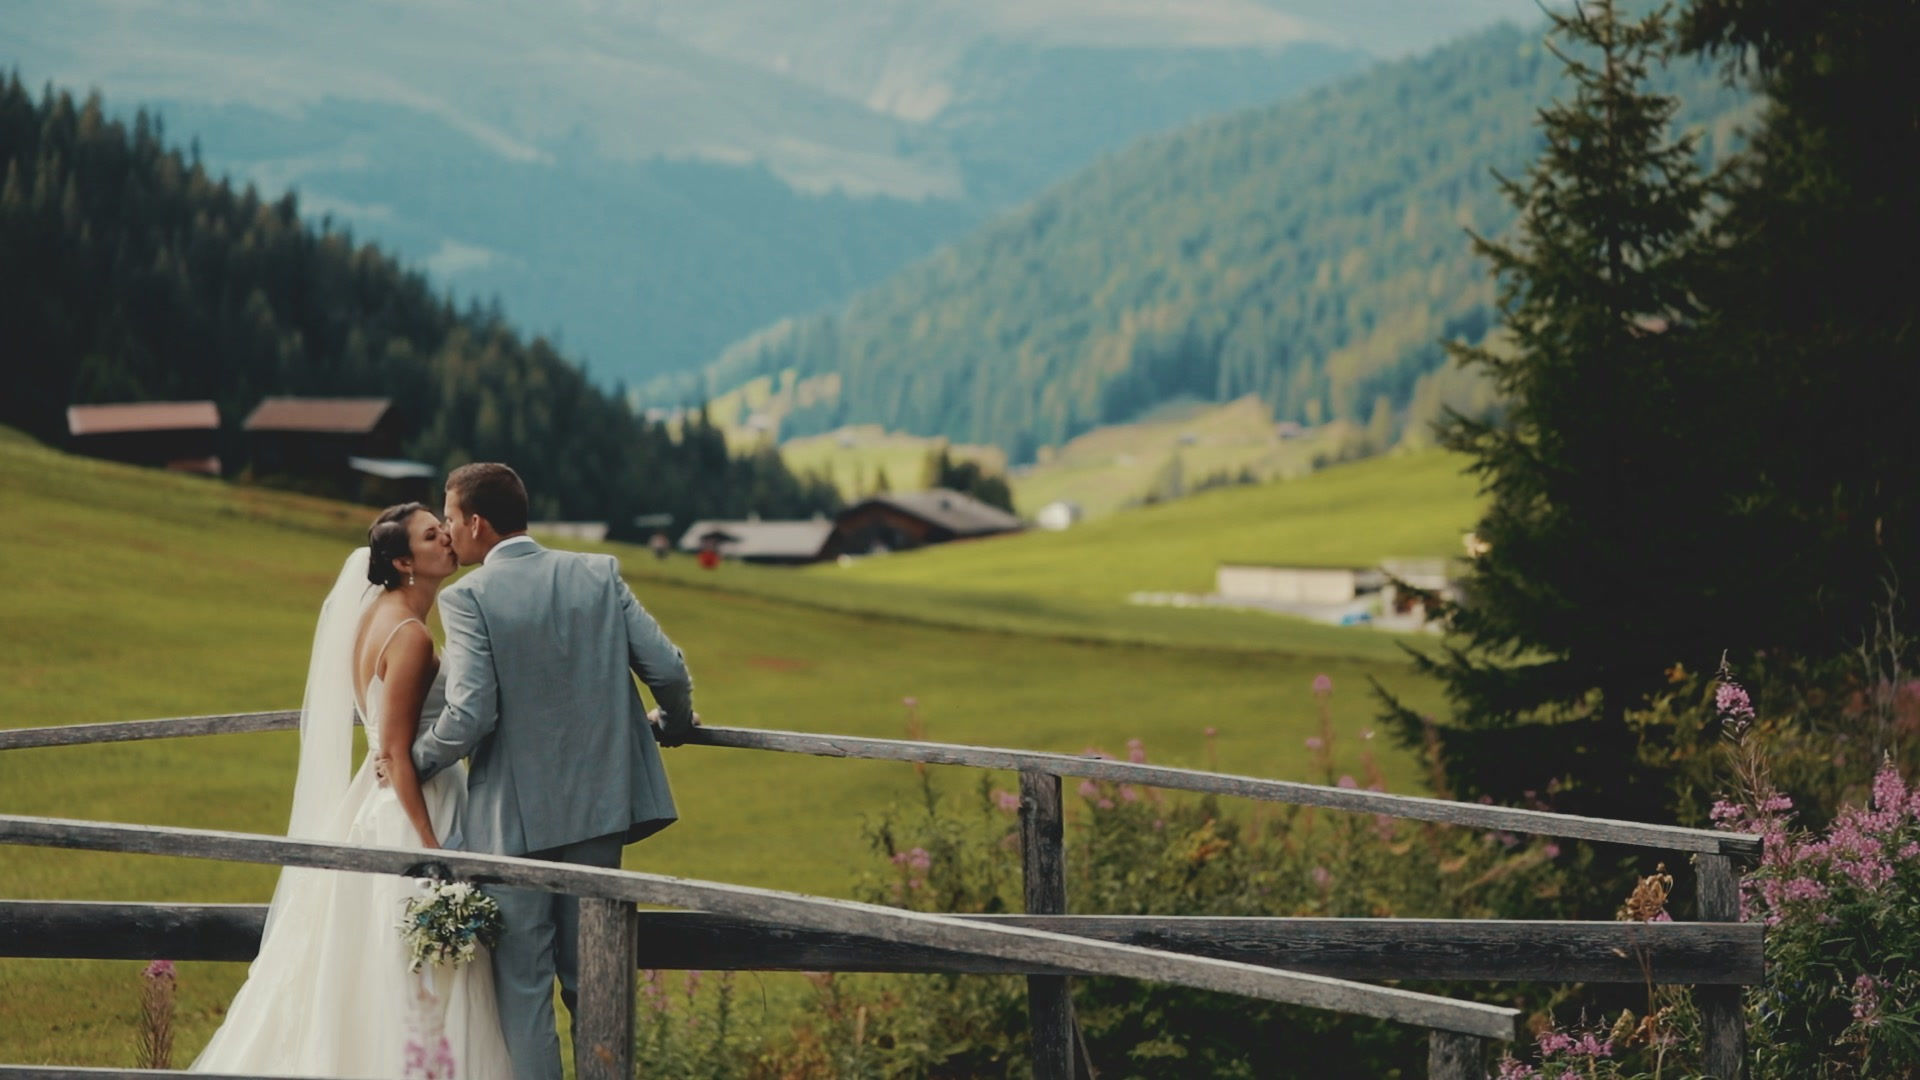 Brittany + Ryan | Davos, Switzerland | Hotel Walserhuus Sertig